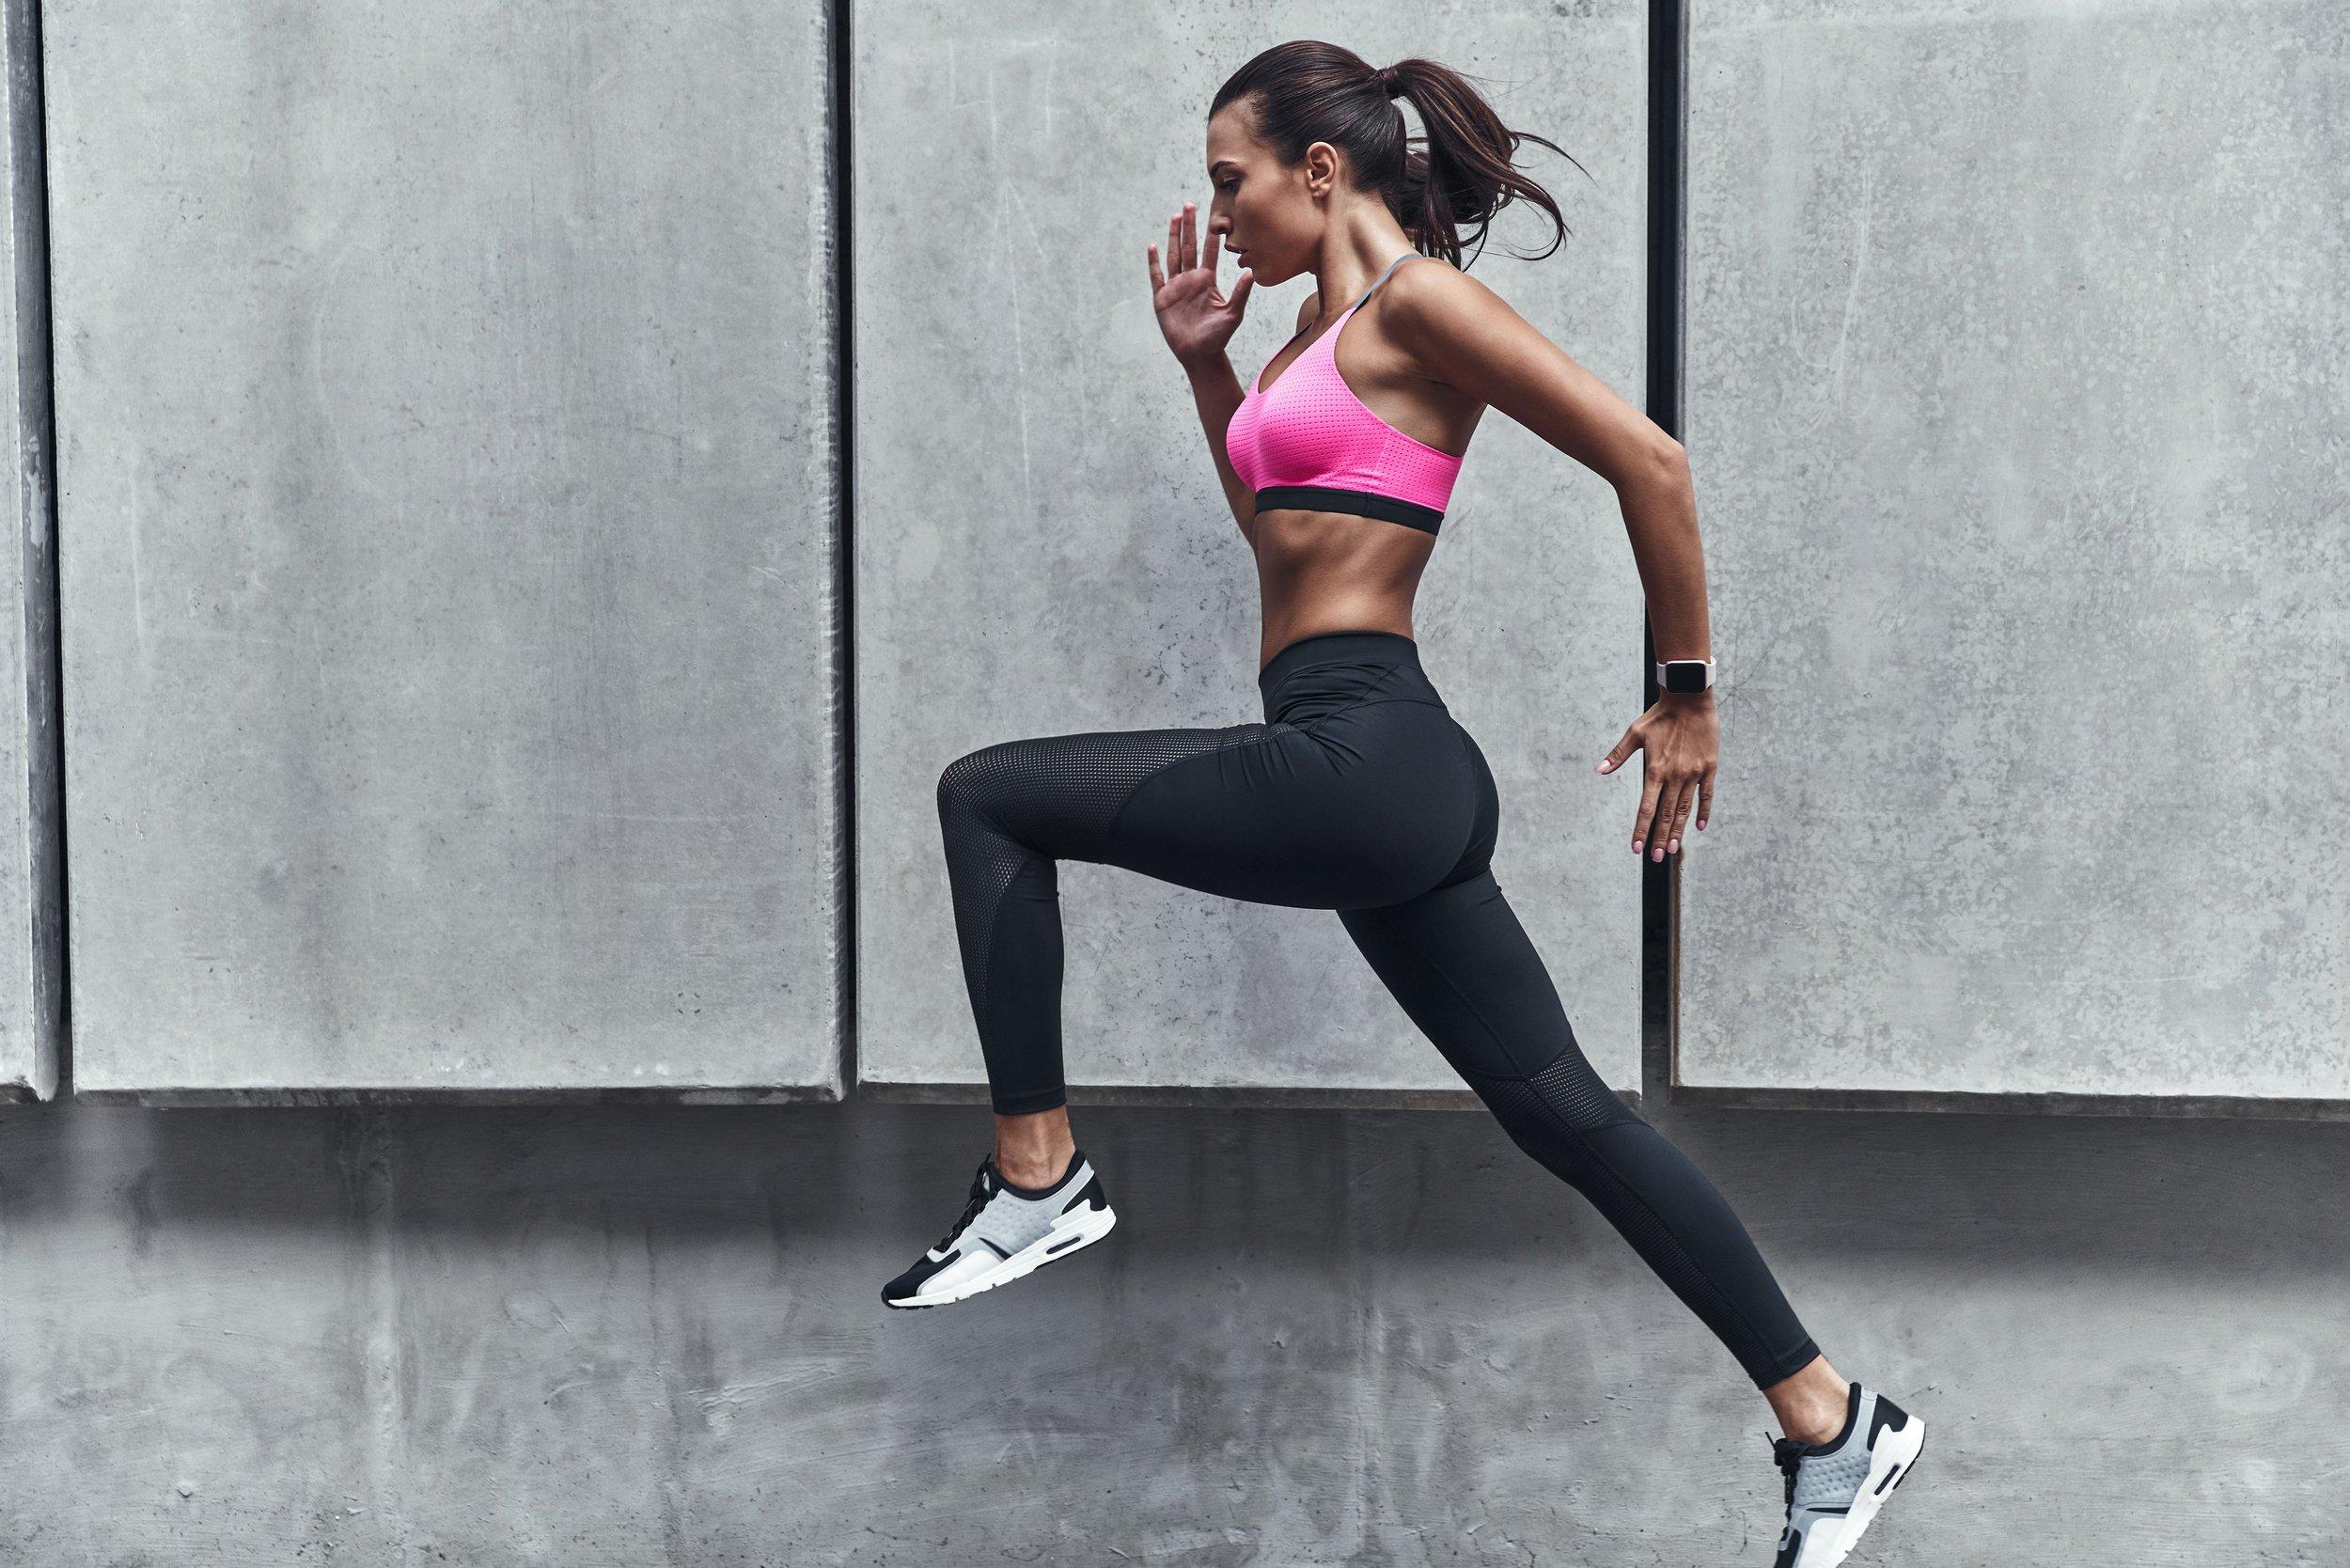 Woman running in sportswear